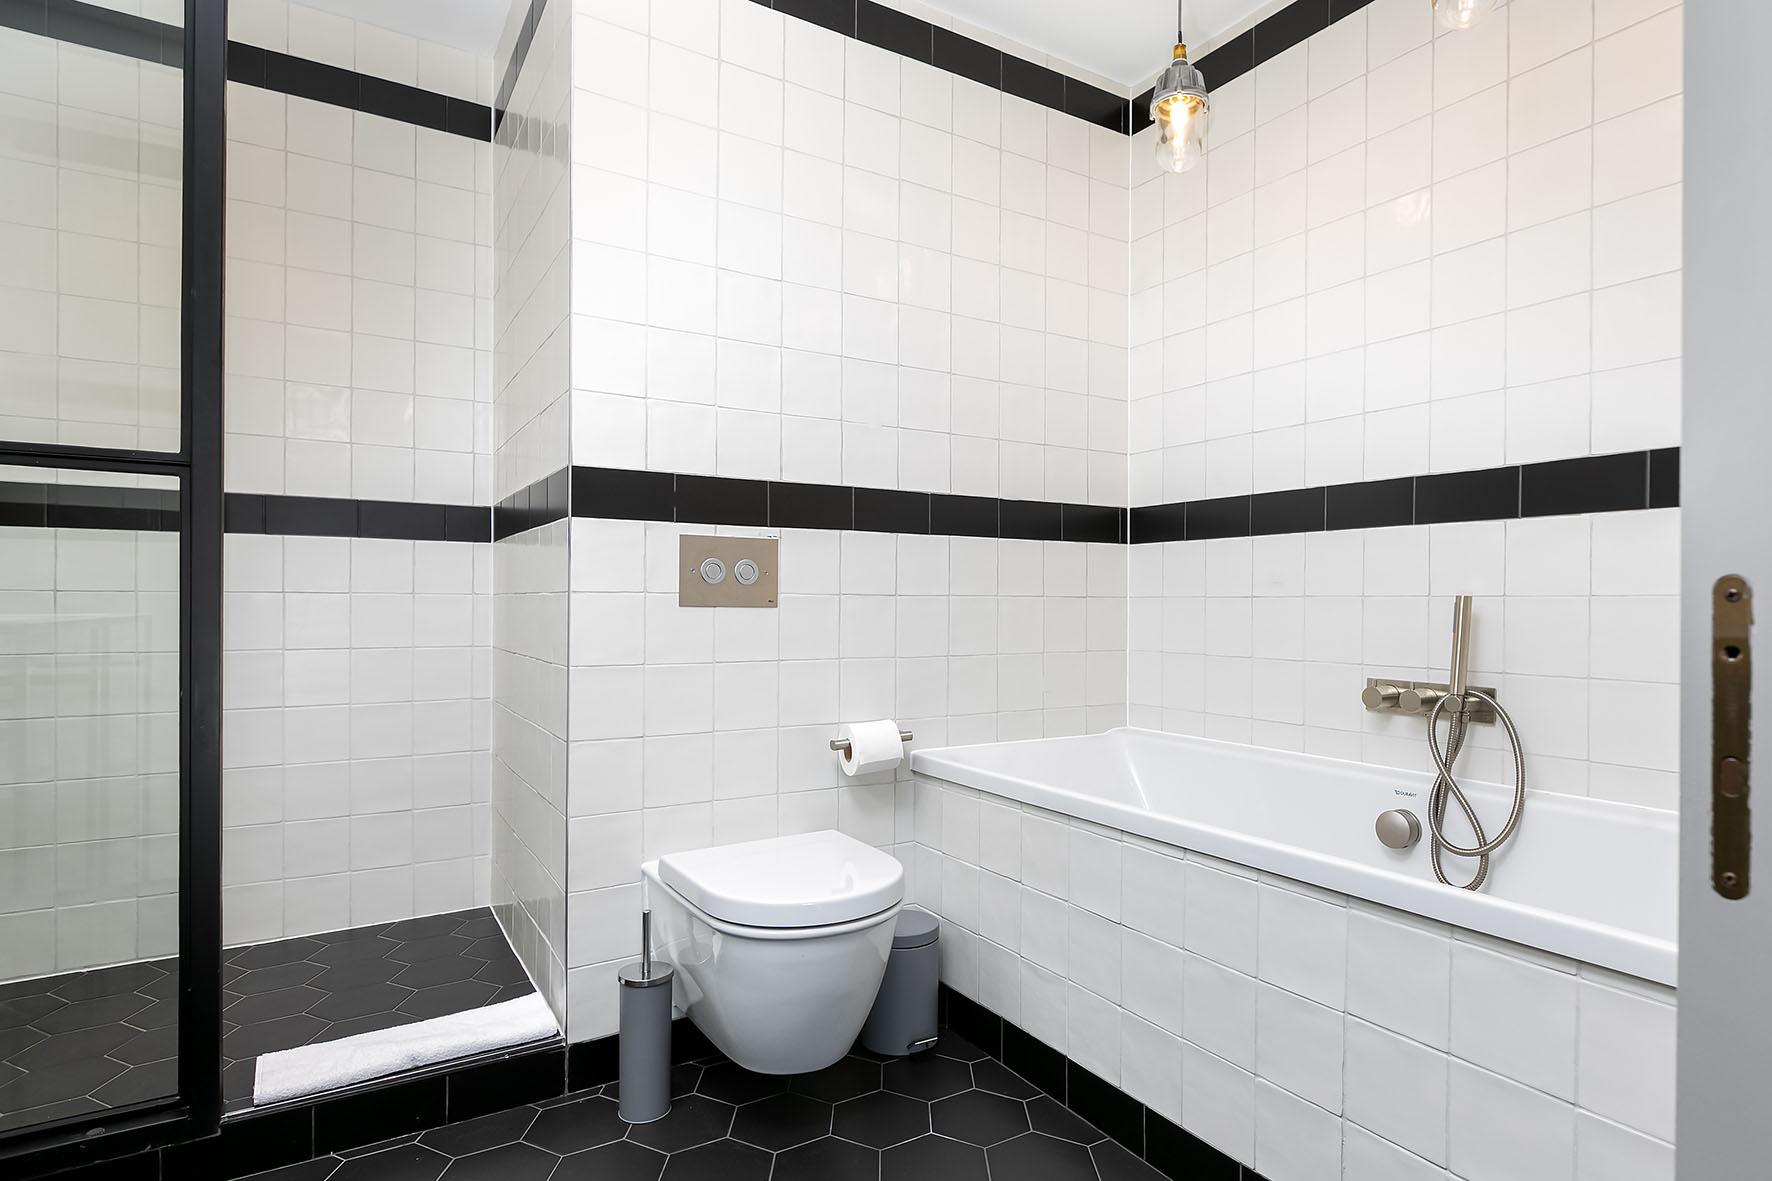 Lovelydays luxury service apartment rental - London - Soho - Oxford Street IV - Lovelysuite - 2 bedrooms - 2 bathrooms - Beautiful bathtub - b2e47a24f65a - Lovelydays